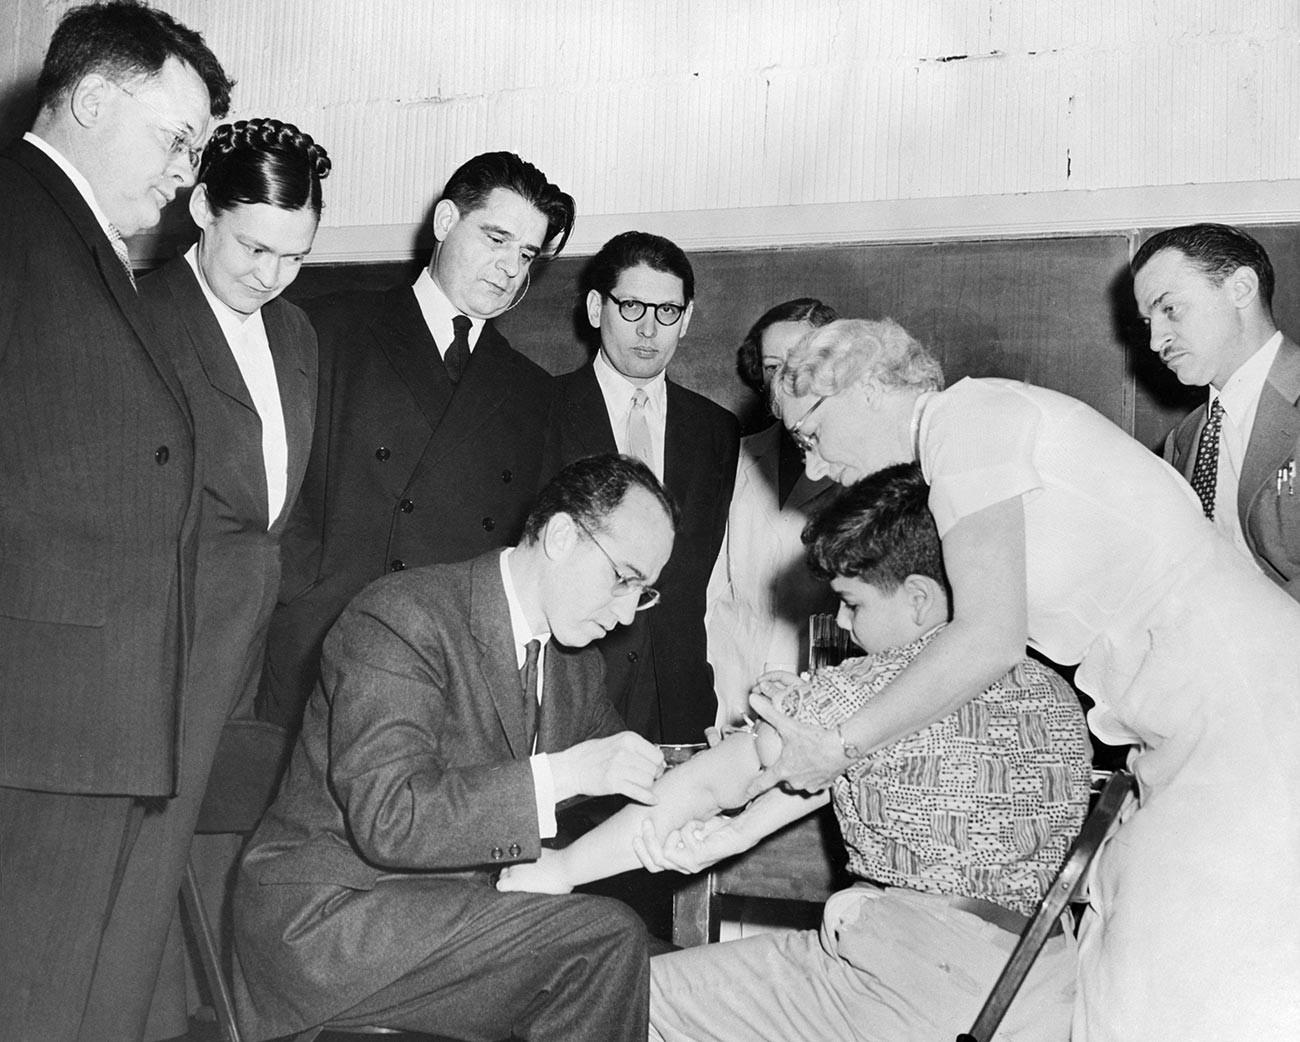 Scienziati russi in visita negli Stati Uniti guardano il dottor Jonas Salk somministrare un'iniezione del suo vaccino antipolio a Paul Anolik, 9 anni